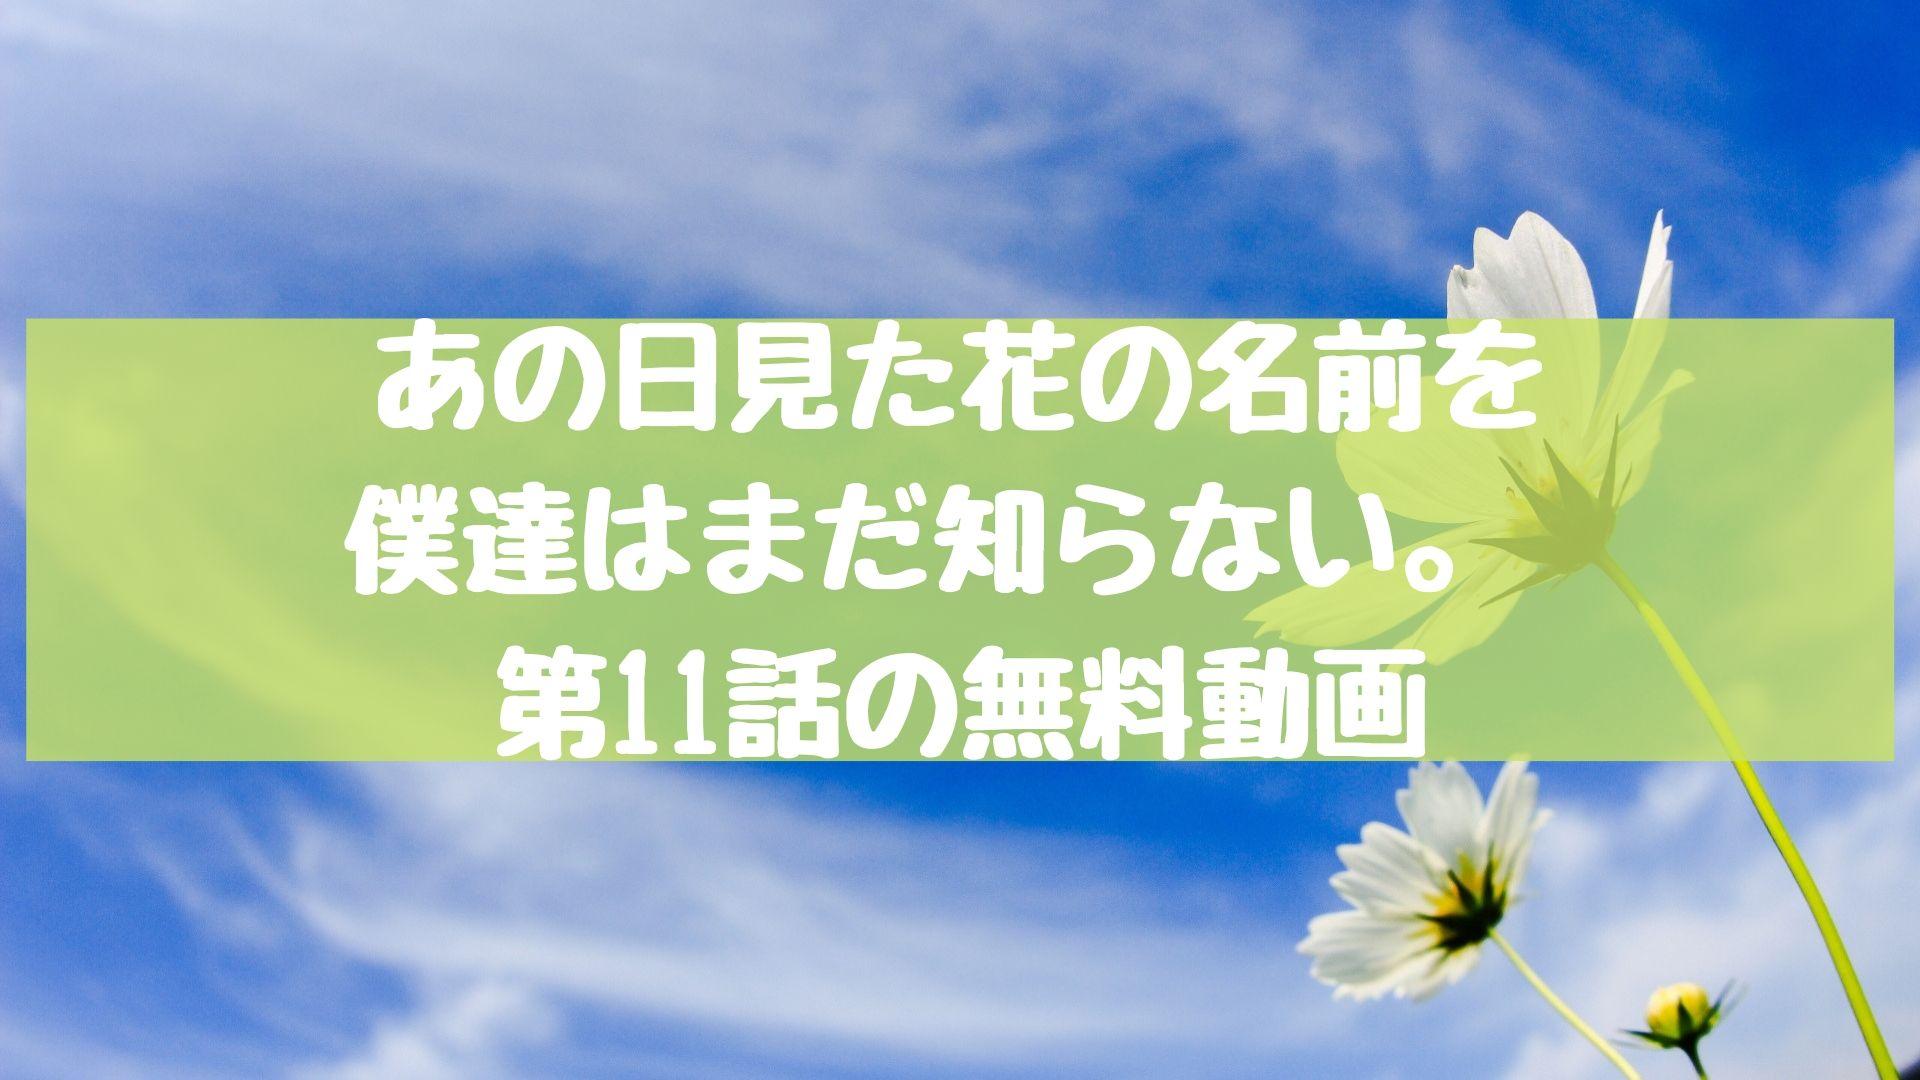 あの日見た花の名前を僕達はまだ知らない。 第11話の無料動画